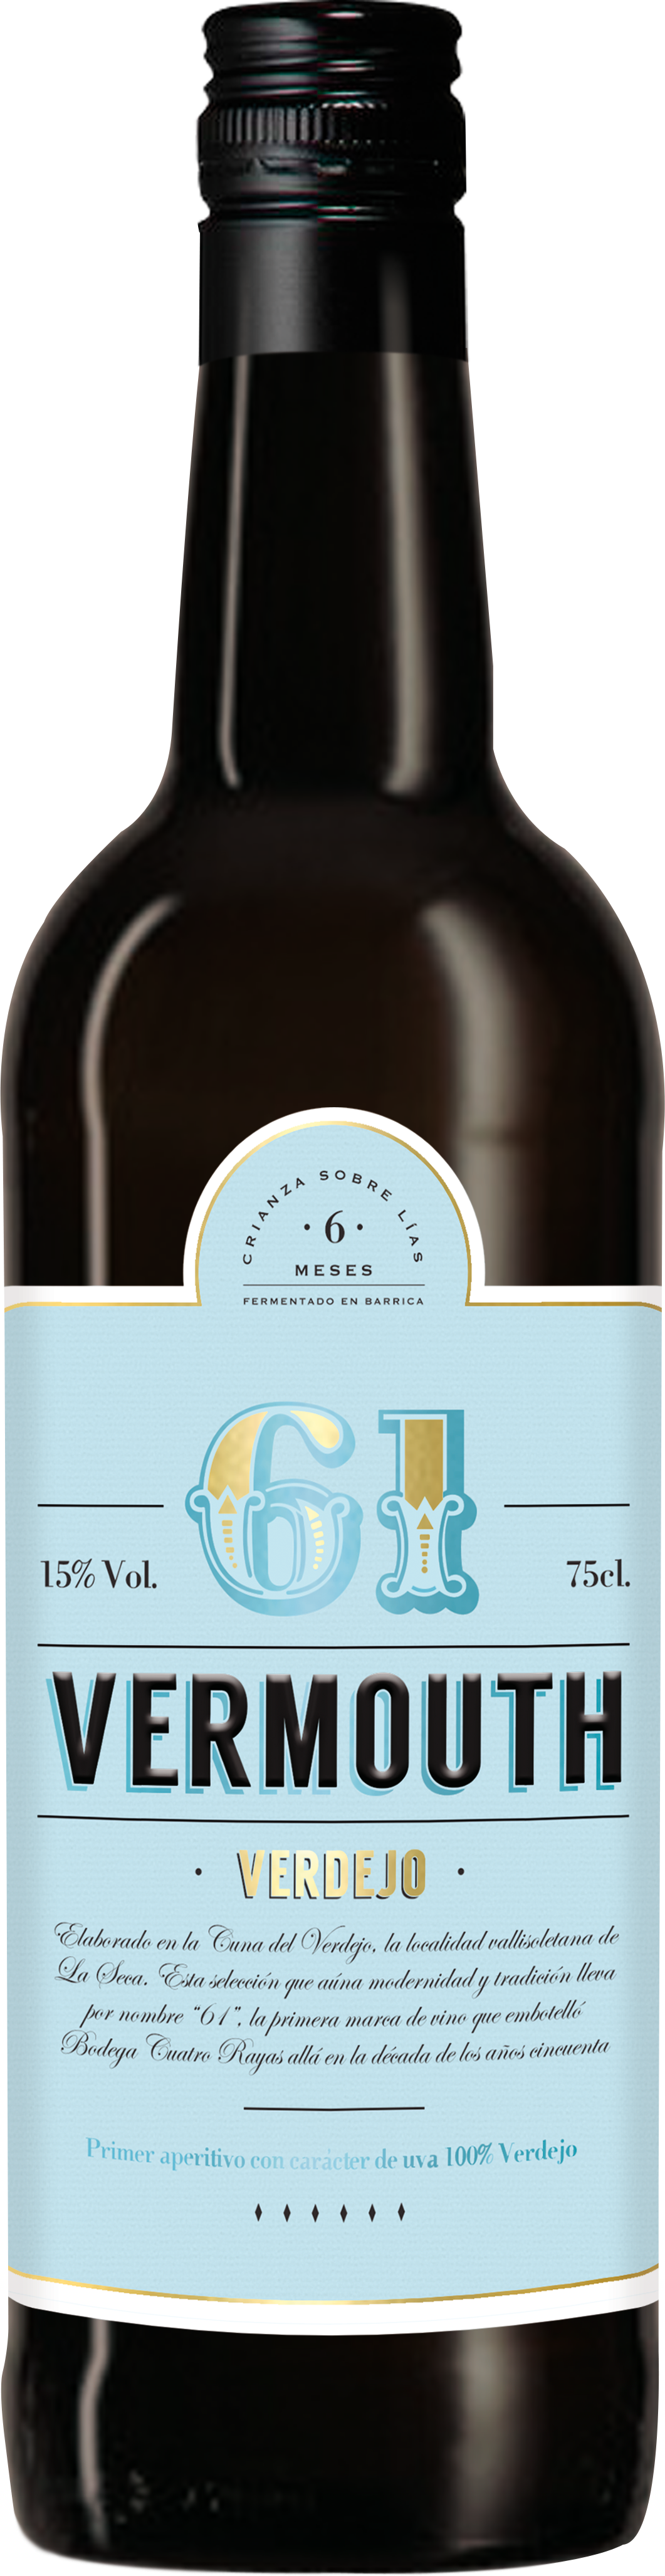 Vermouth 61